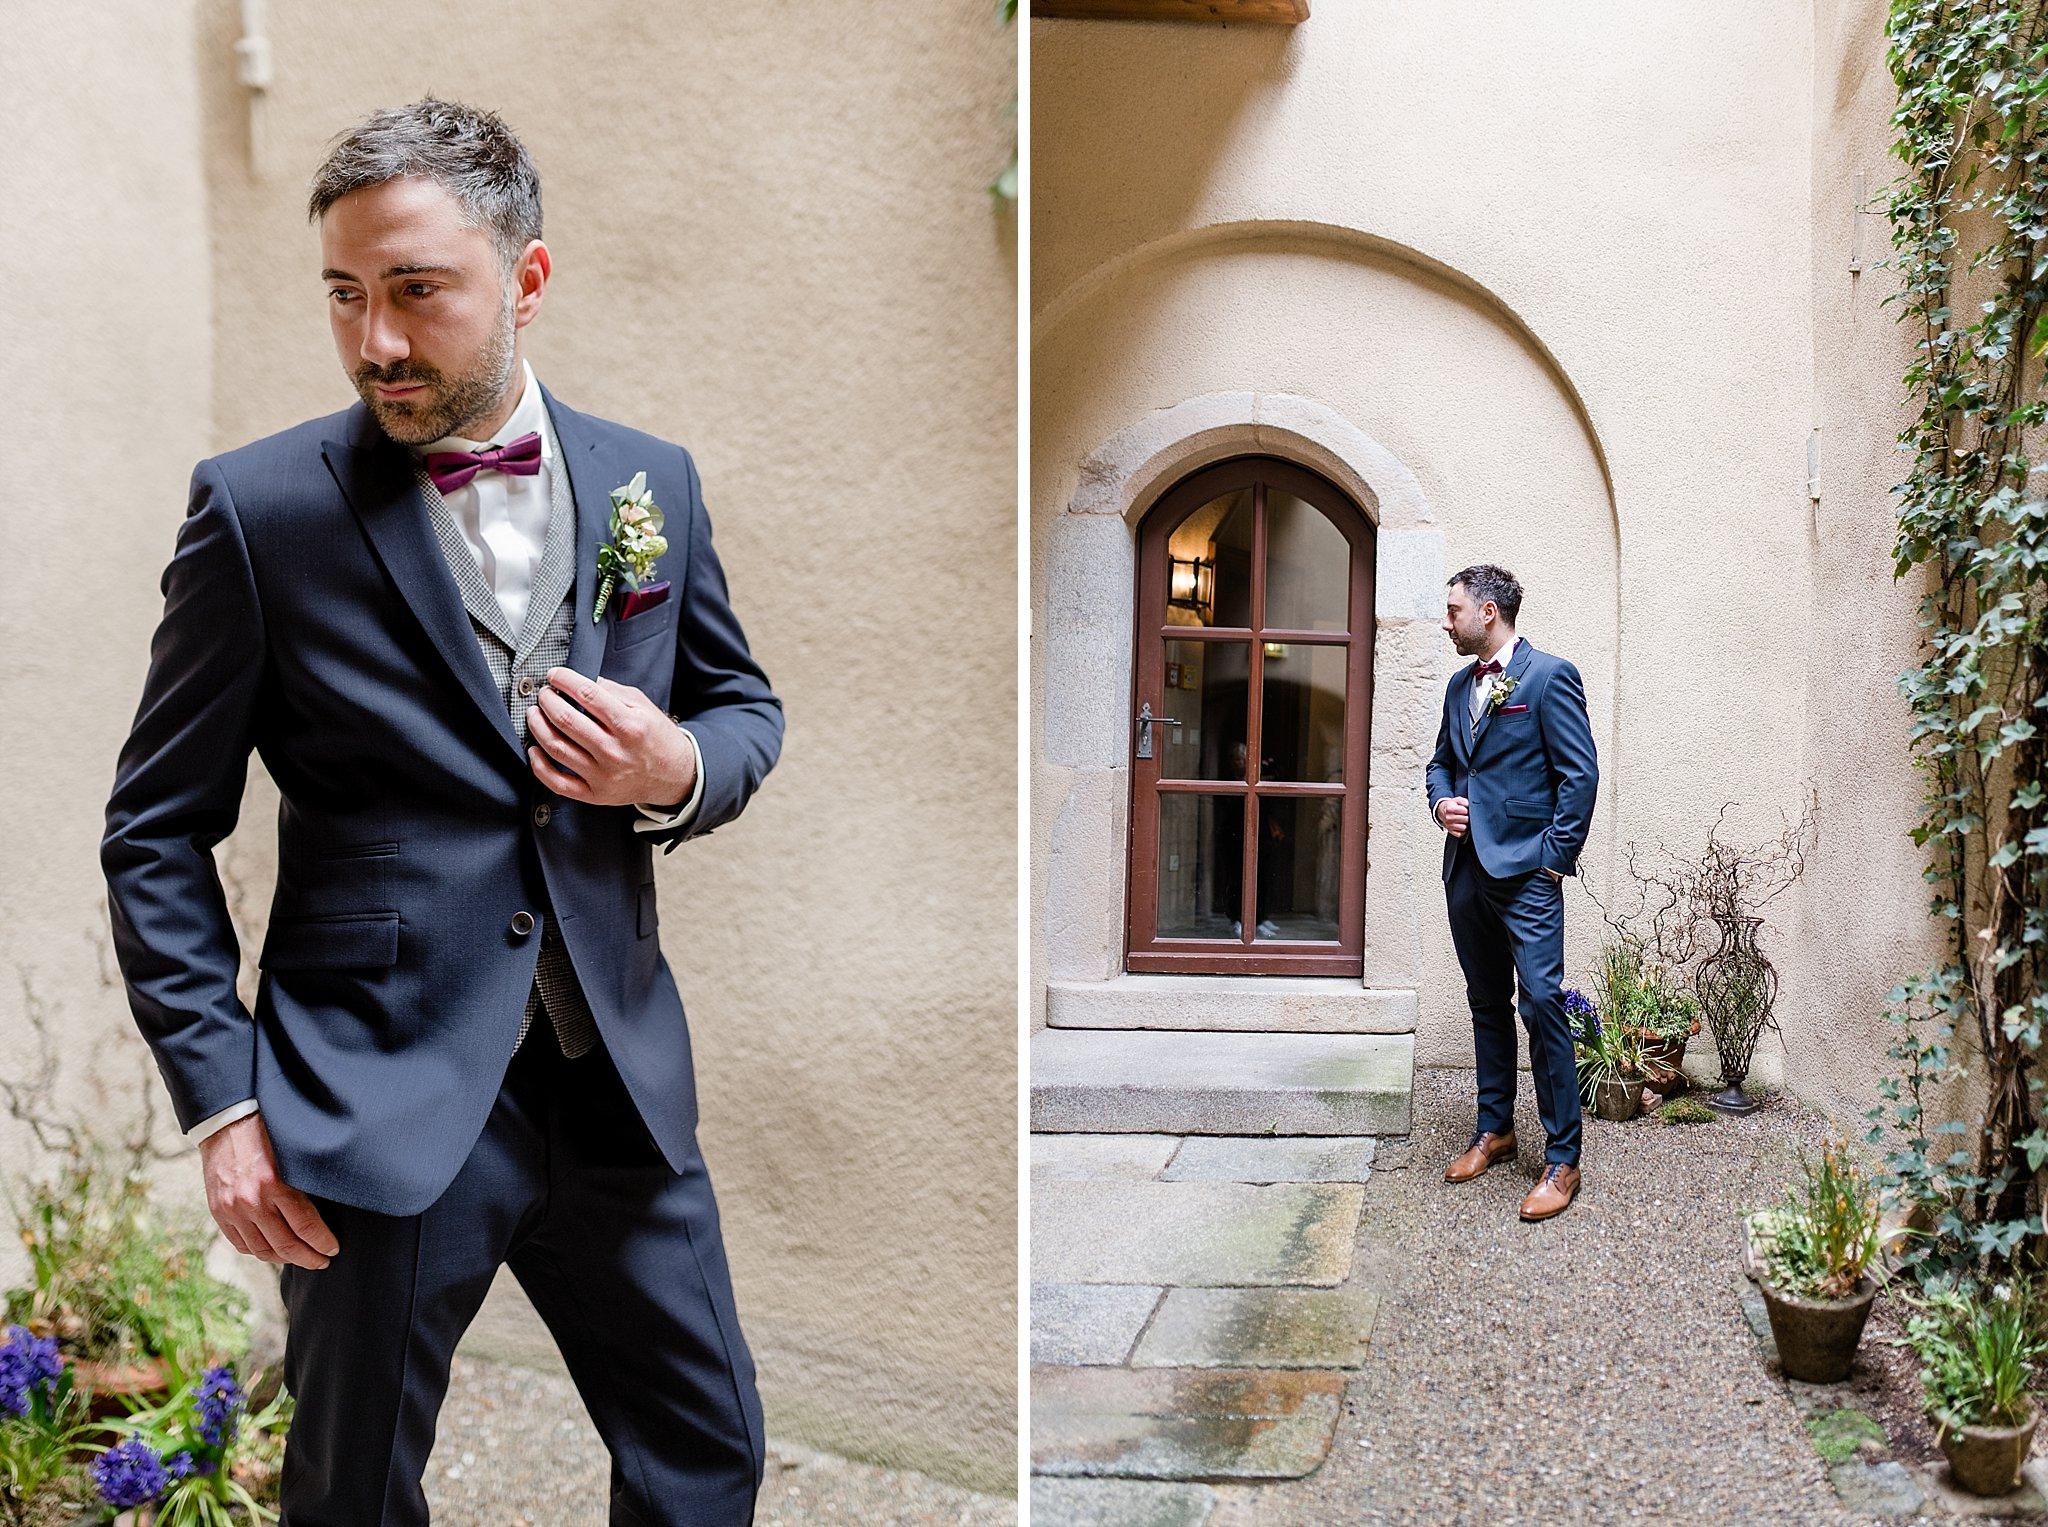 Hochzeit-von-Marina-Dominik-auf-Burg-Wernberg-und-Schloss-Friedrichsburg-00058